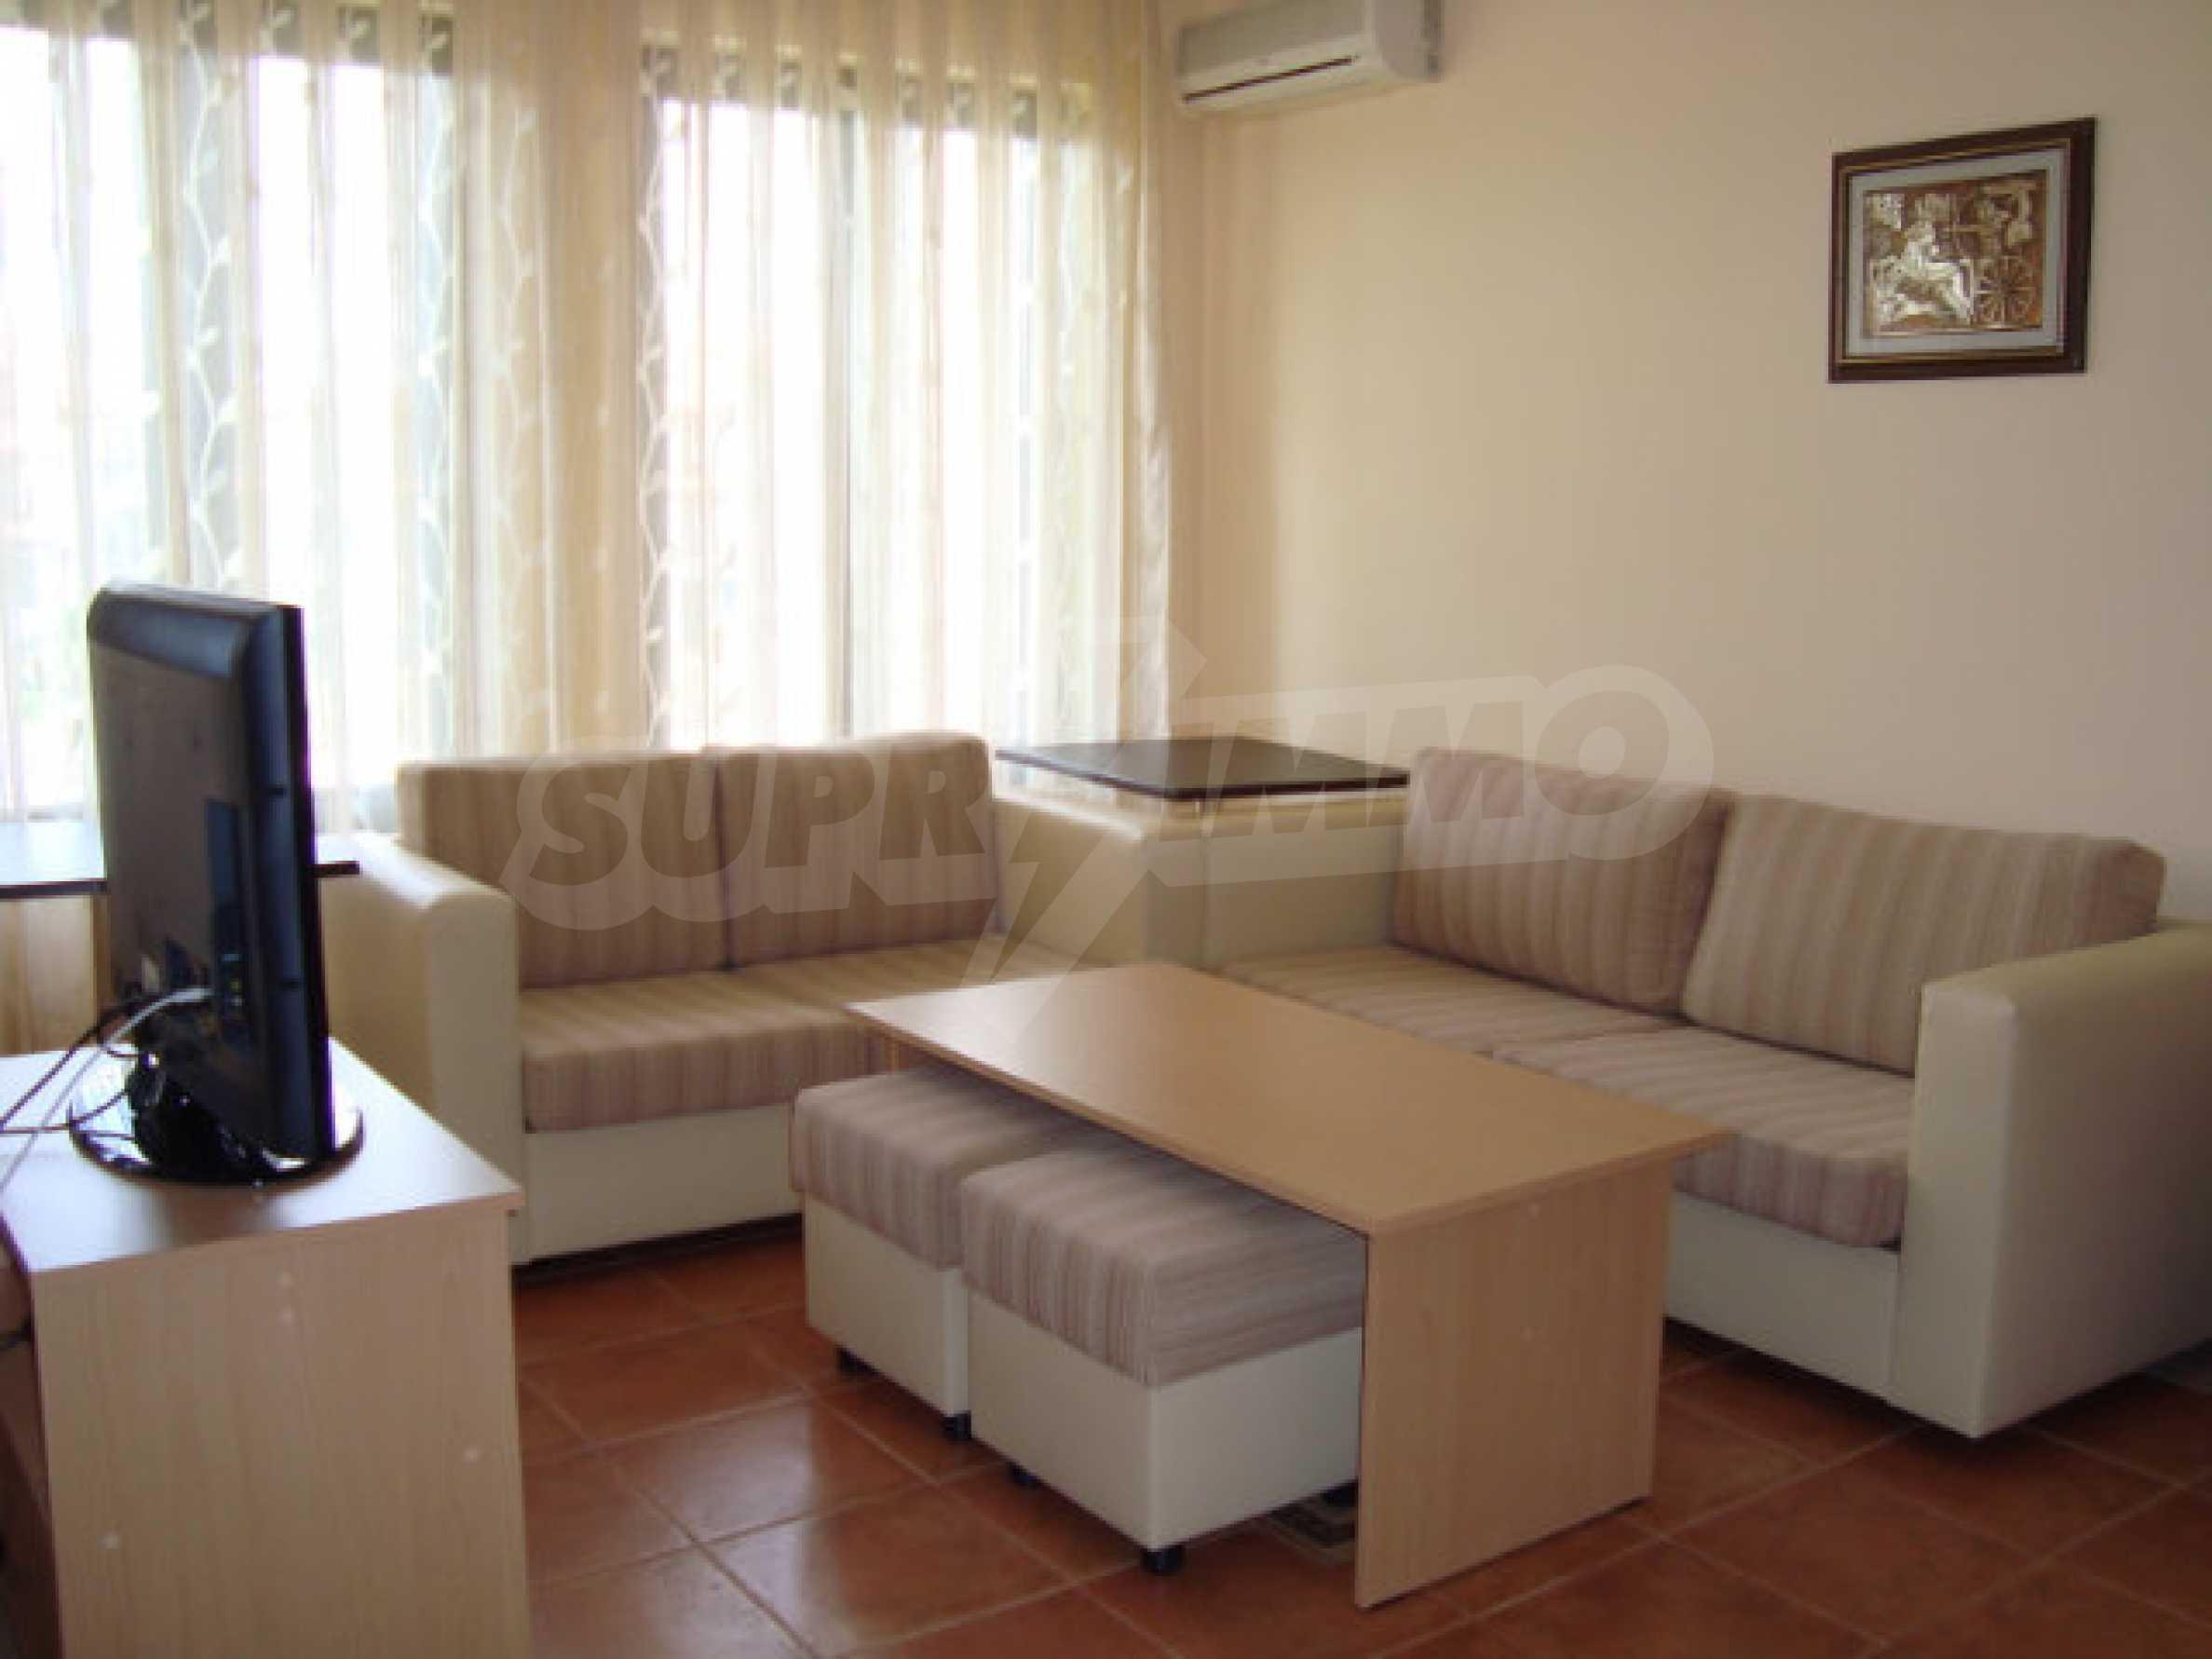 Zwei-Zimmer-Wohnung in Saint Nicholas Komplex in Chernomorets 3